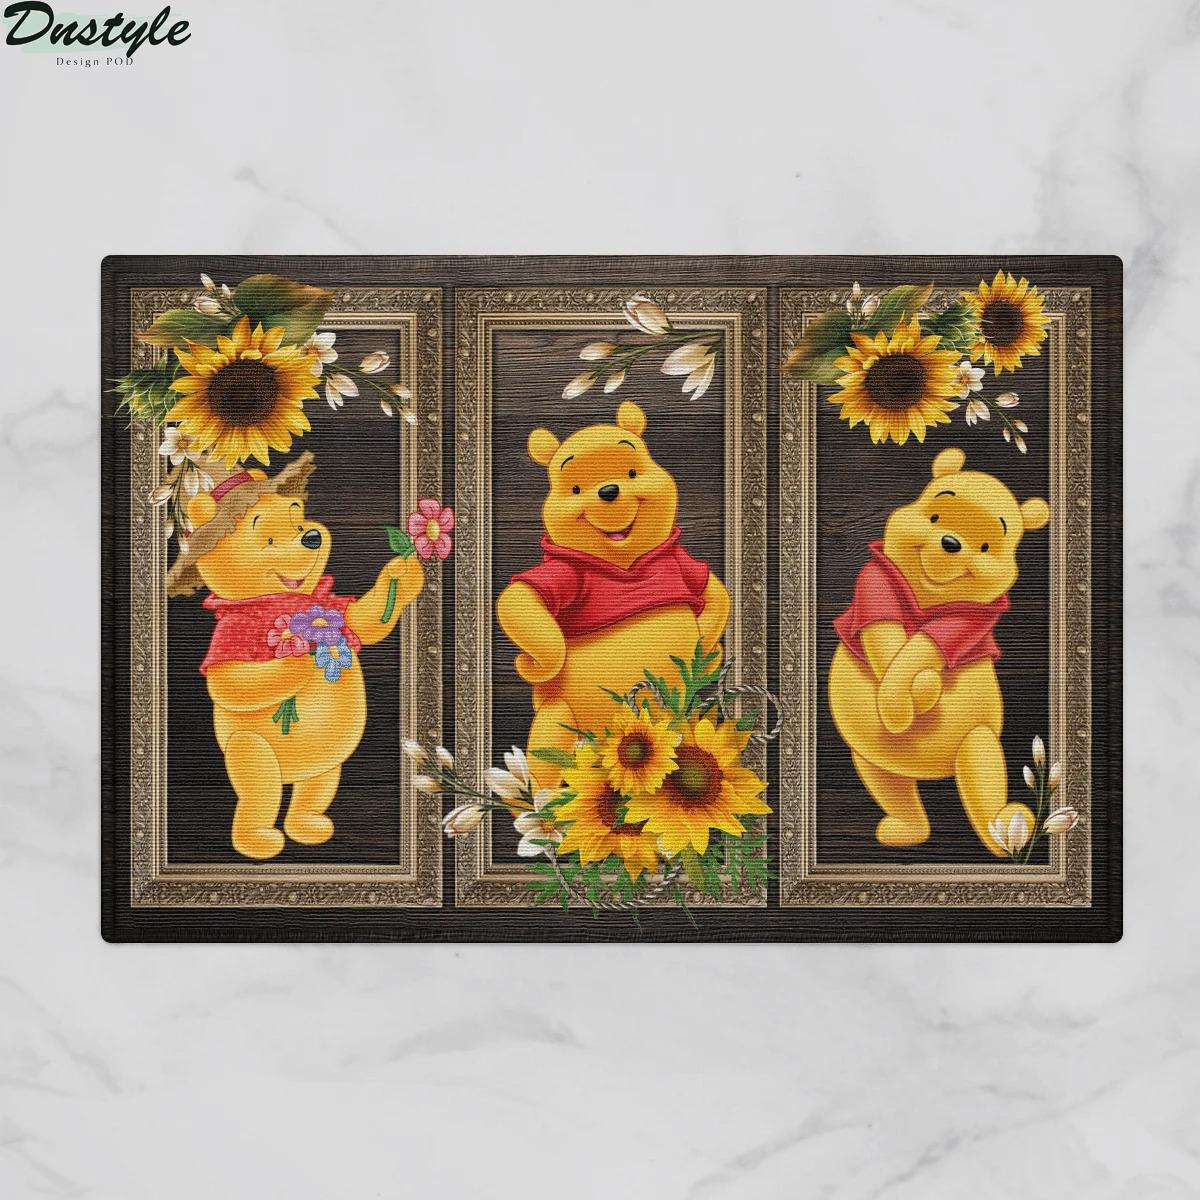 Winnie-the-Pooh sunflower doormat 1